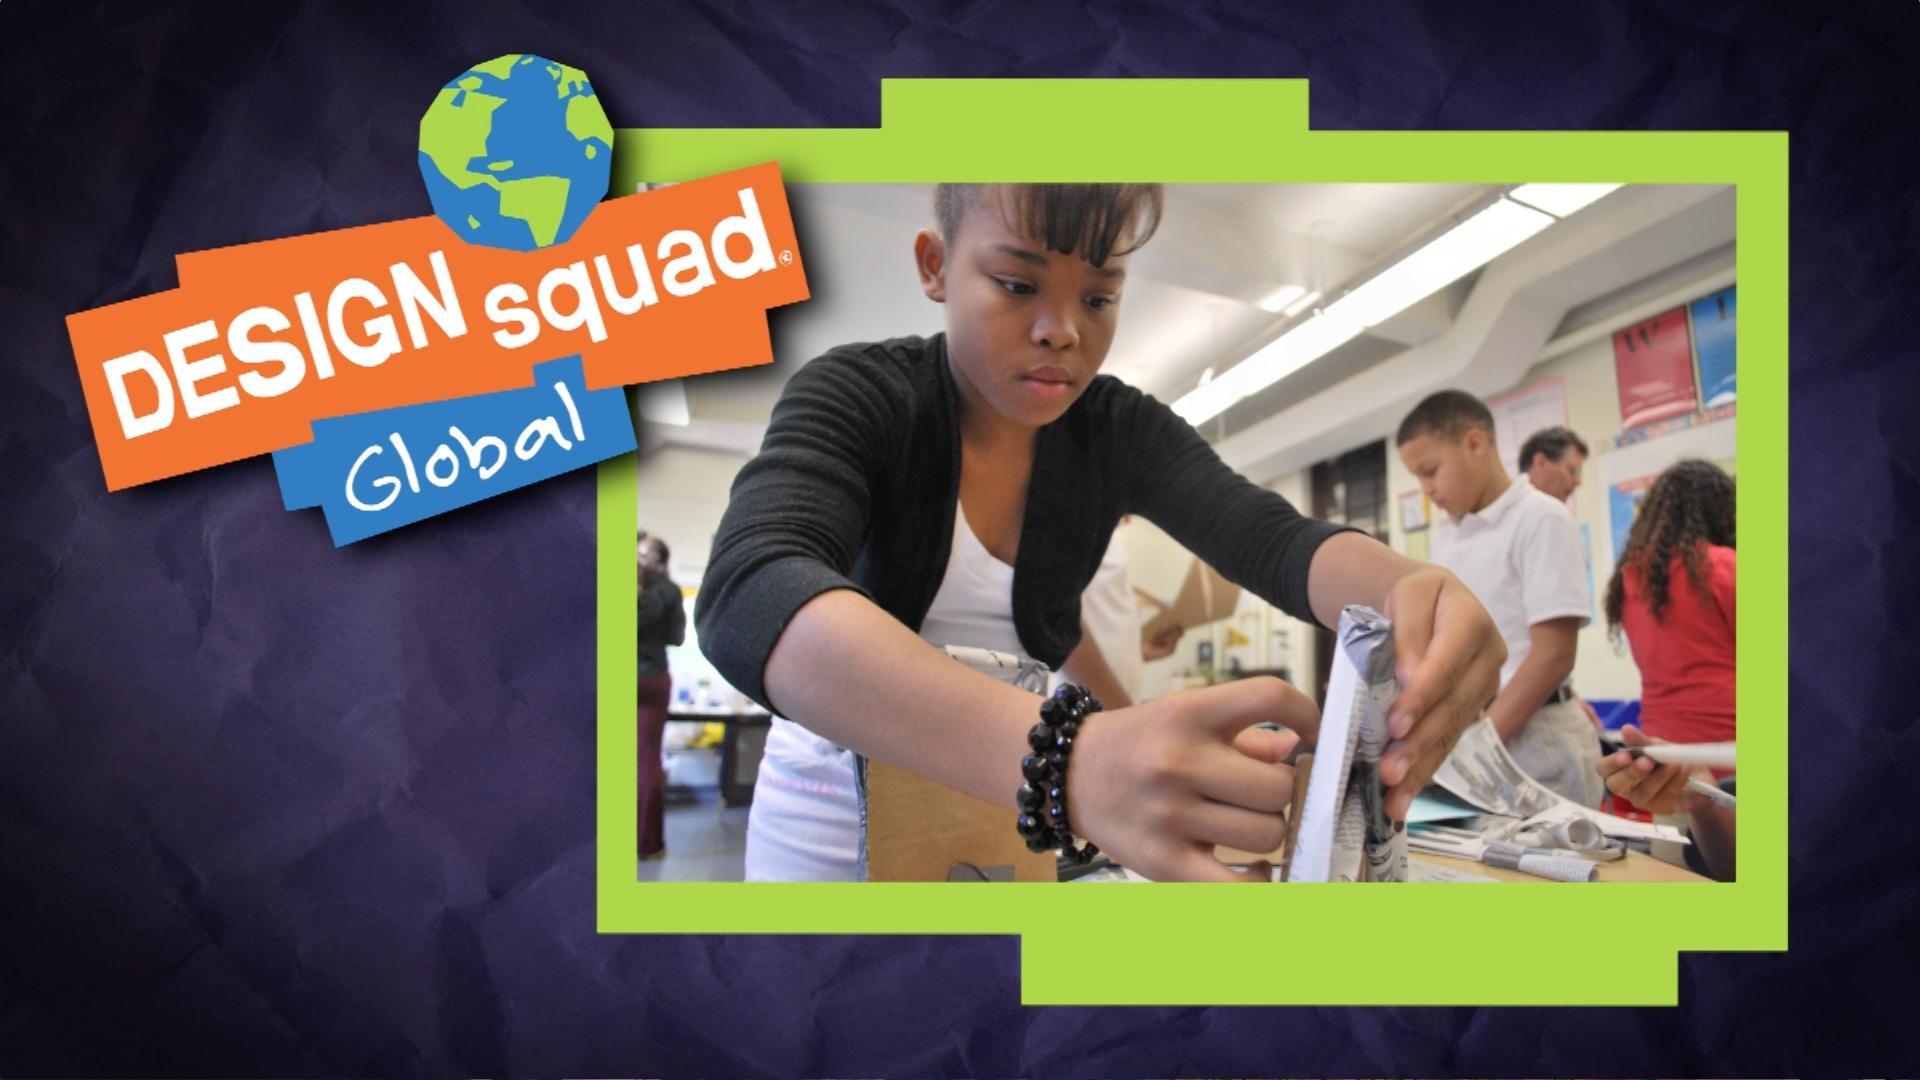 Design Squad Website >> Design Squad Global Clubs Design Squad Global Pbs Kids